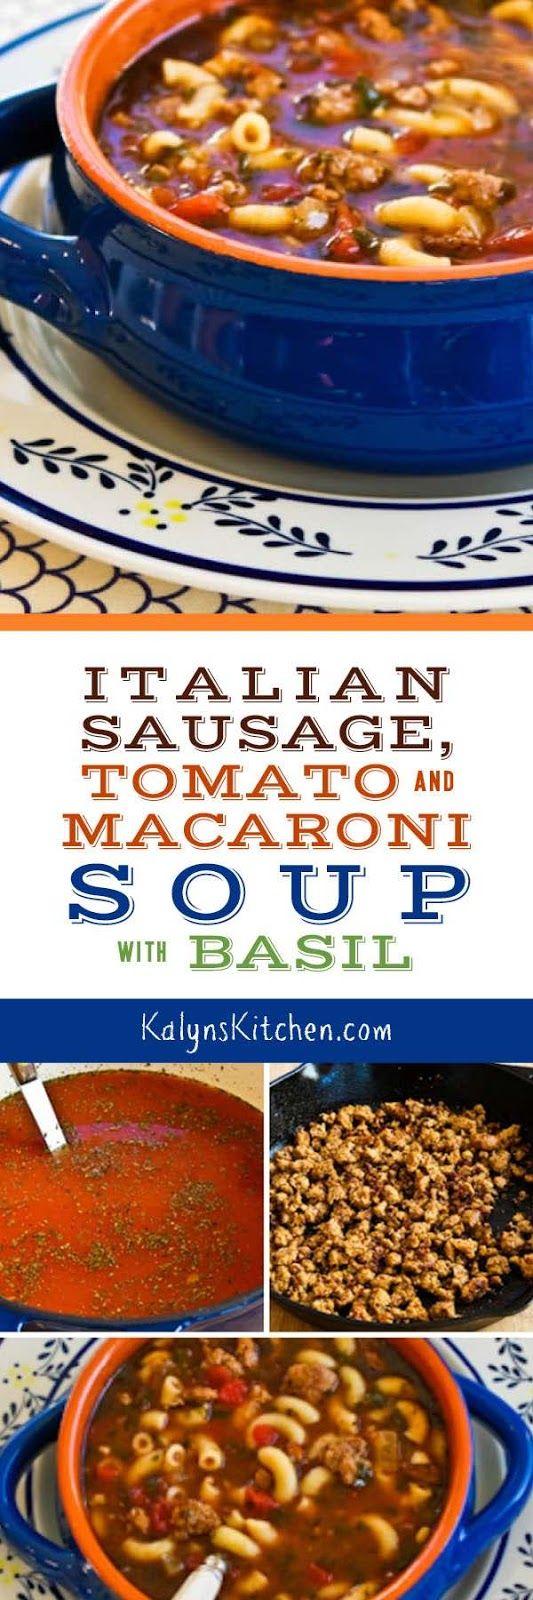 Easy Italian Sausage, Tomato, and Macaroni Soup with Basil ...